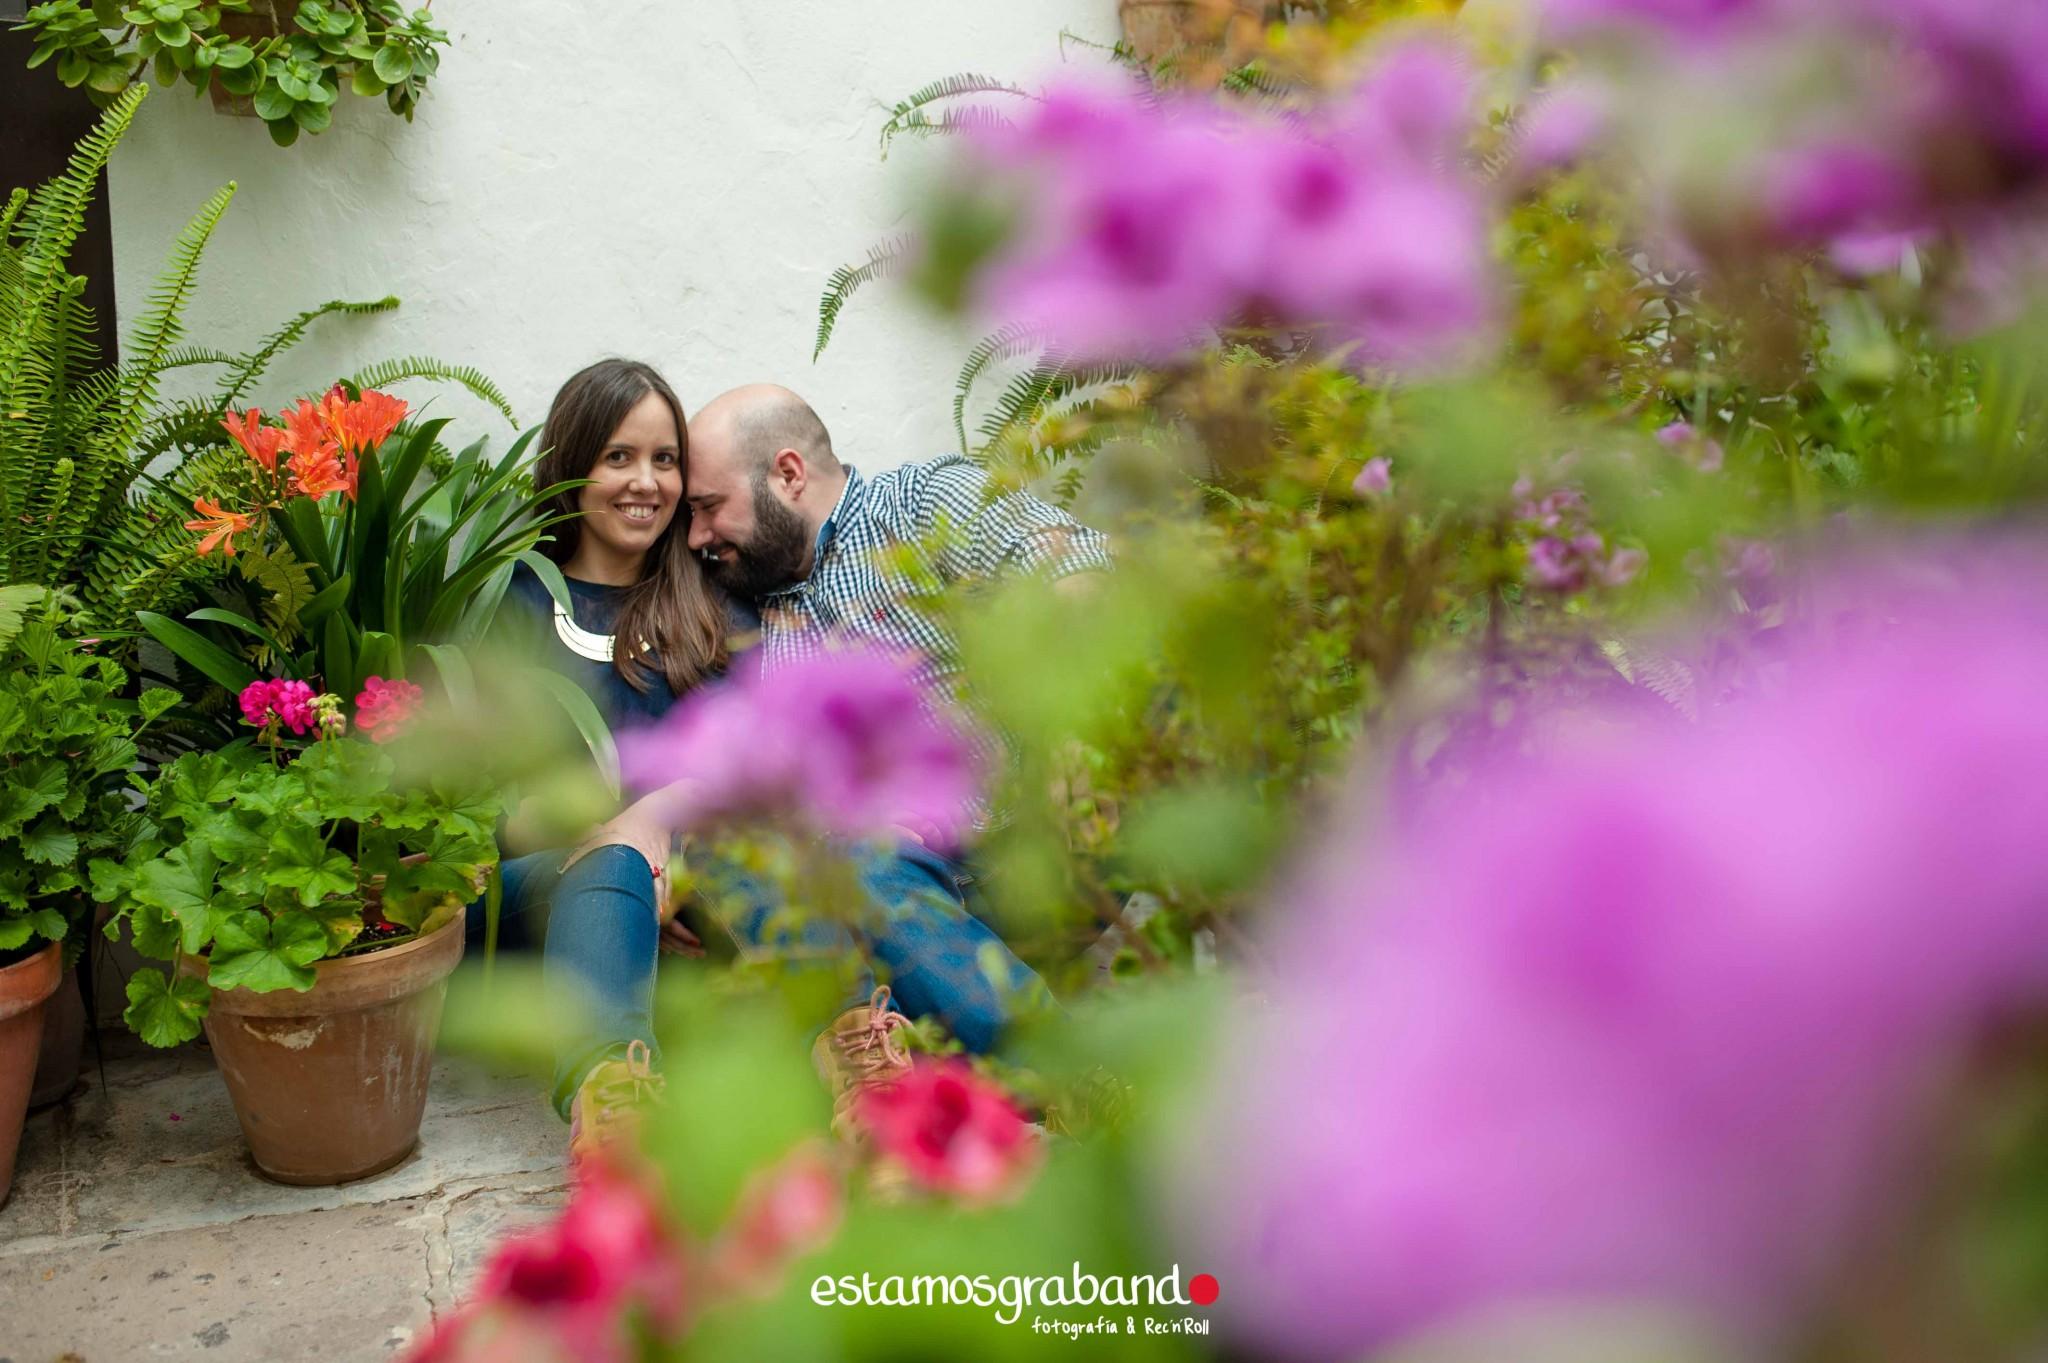 mariano-leticia-blog-9-de-25 Mariano & Leticia [Fotografía Preboda en Vejer y El Palmar] - video boda cadiz